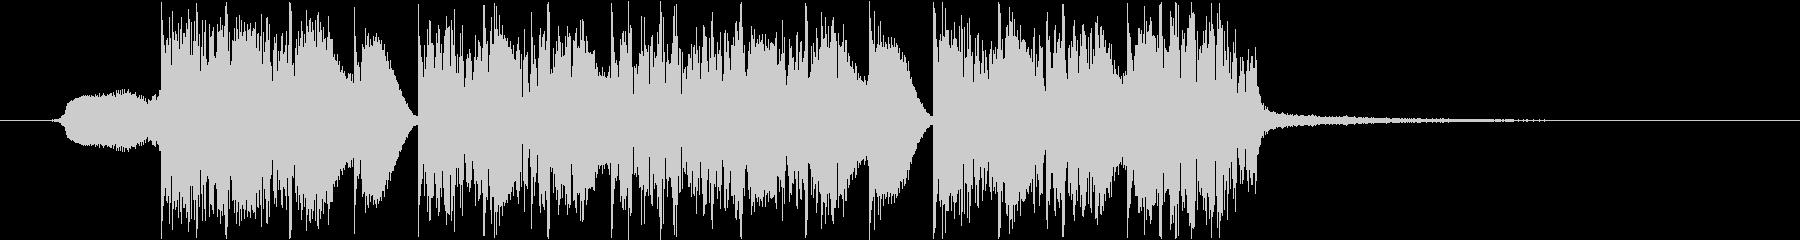 エネルギッシュ、ロゴ、ジングルの未再生の波形